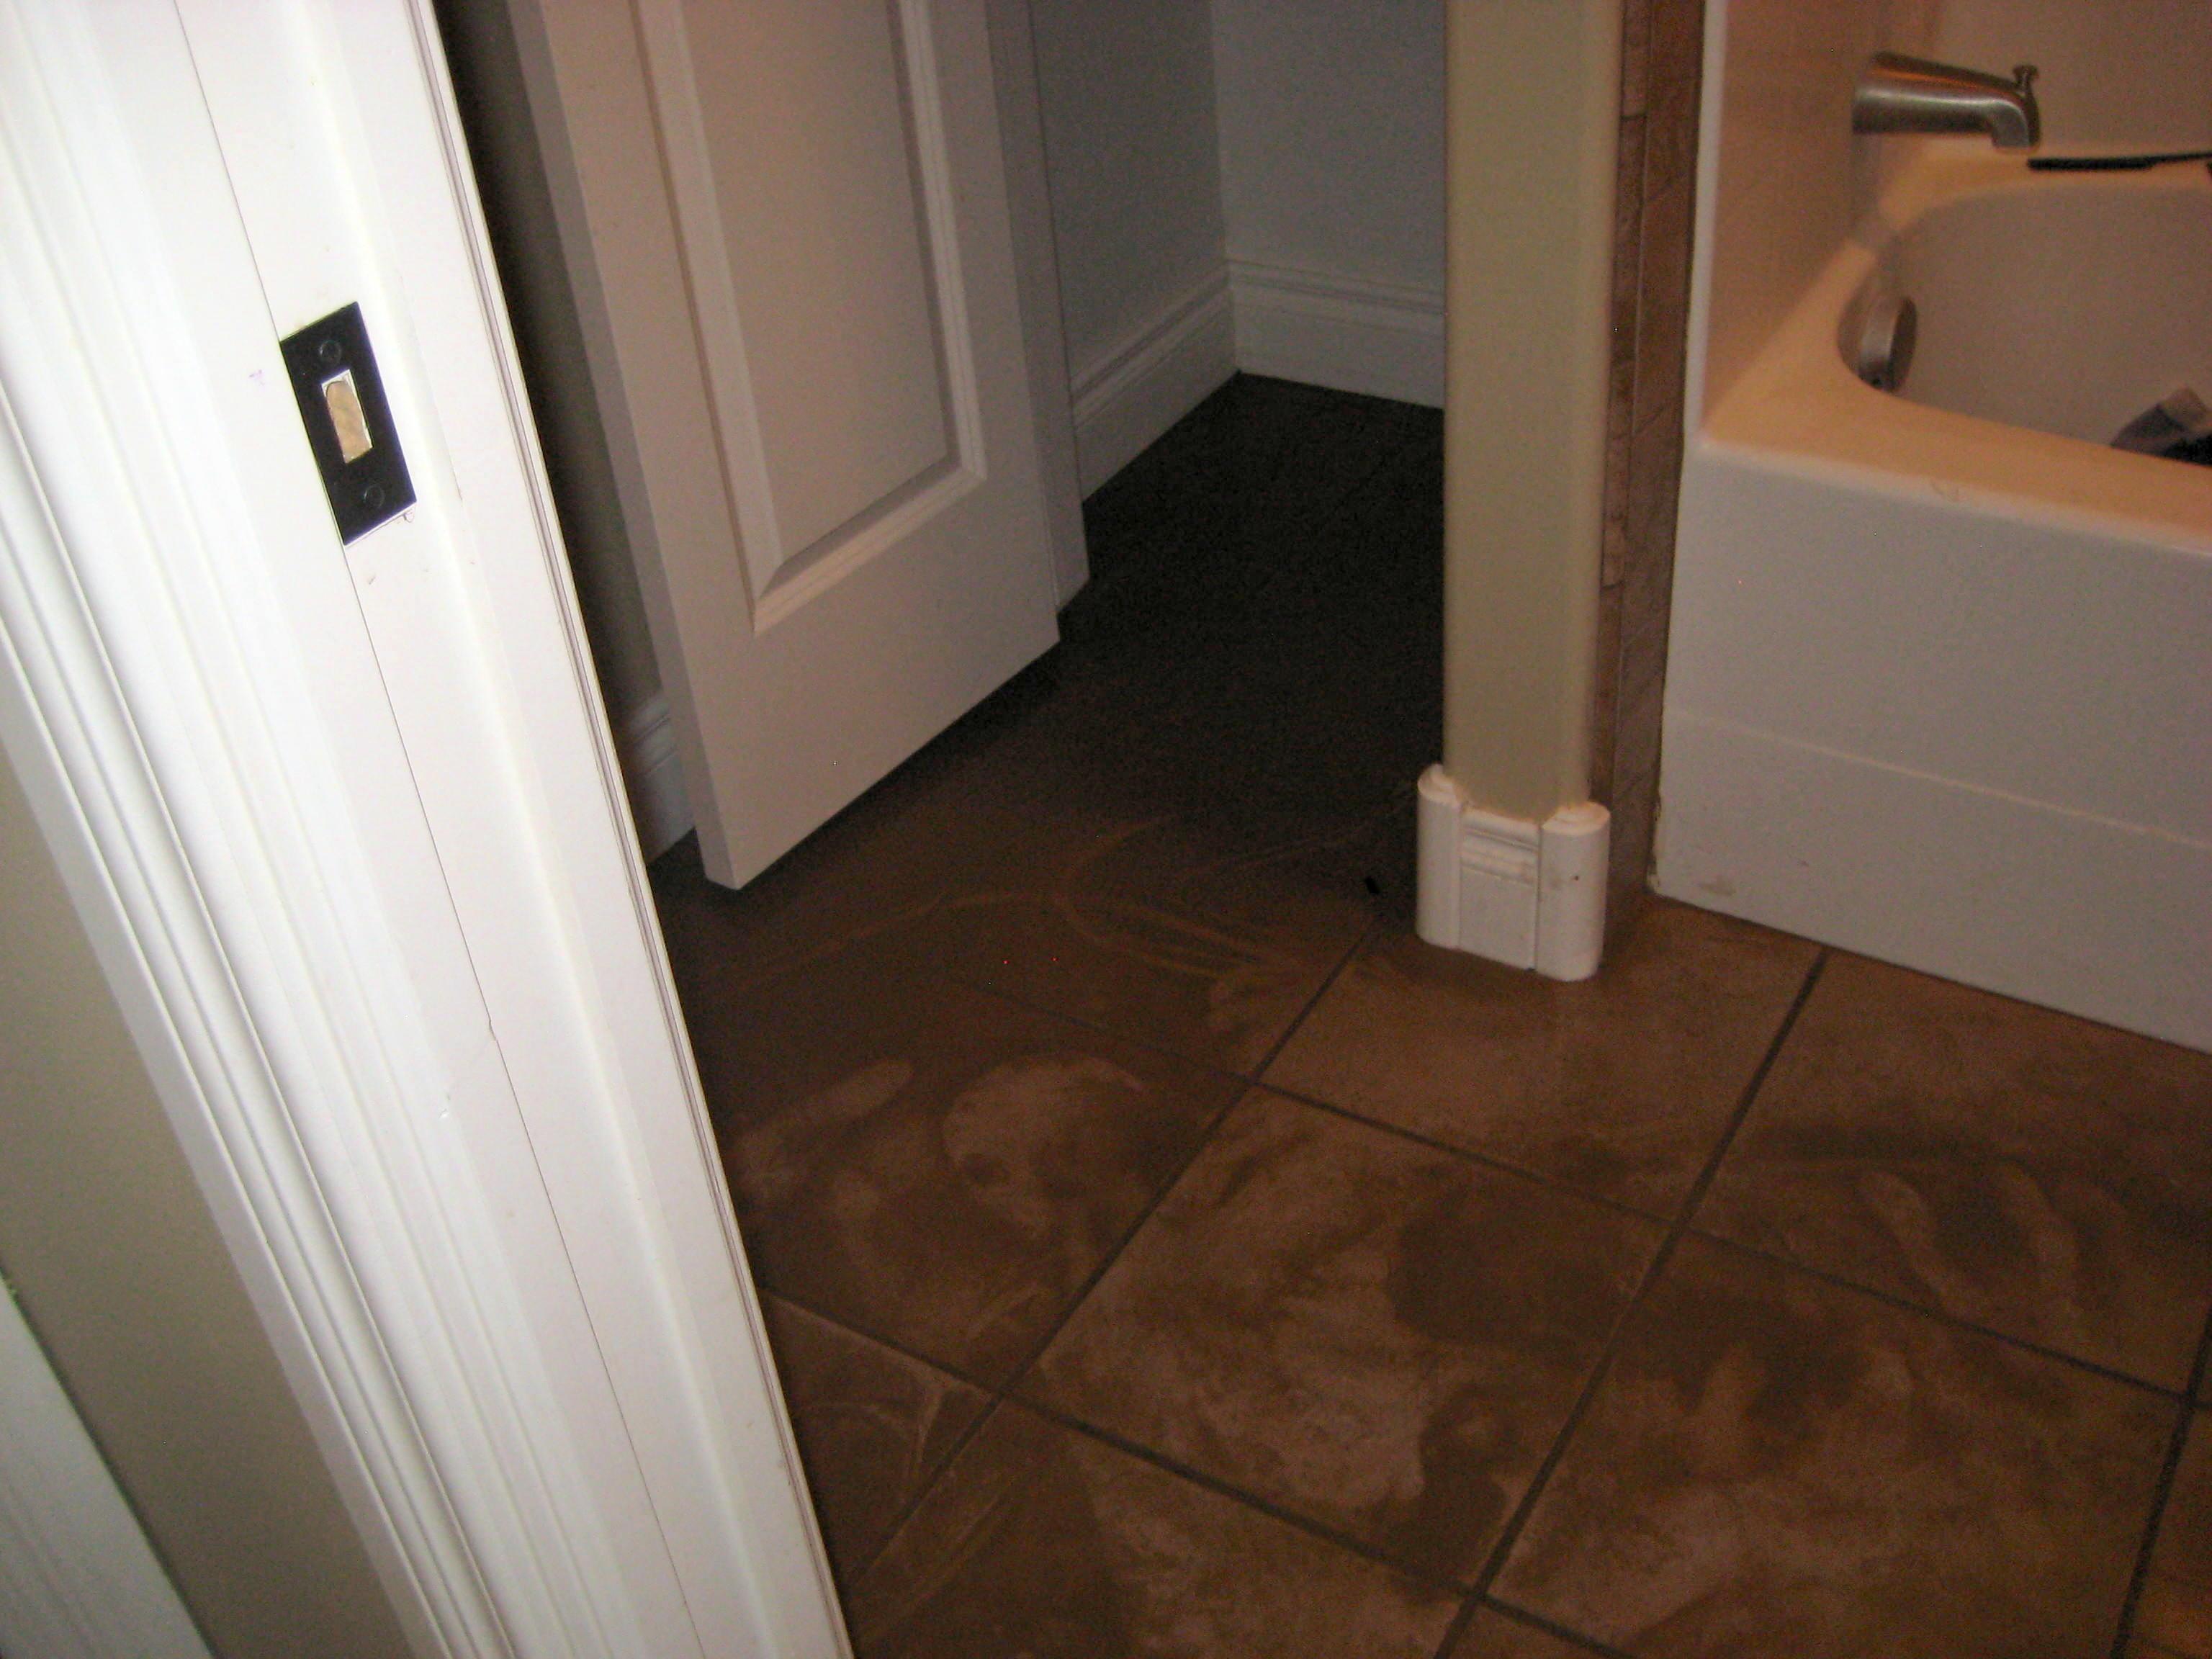 repairing bathroom water damage in las